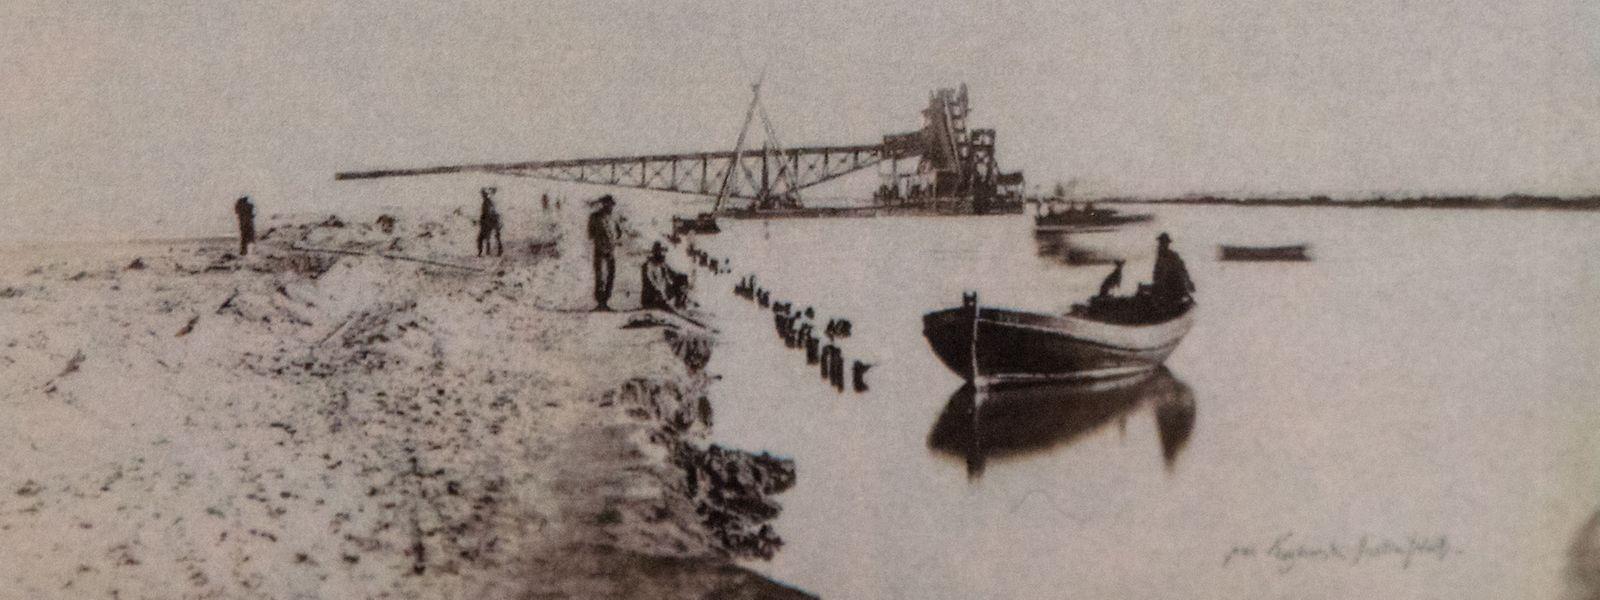 Vor 150 Jahren wurde der Suezkanal eingeweiht - zweieinhalb Jahre zuvor besuchte - und dokumentierte - der Luxemburger Tony Dutreux sie.